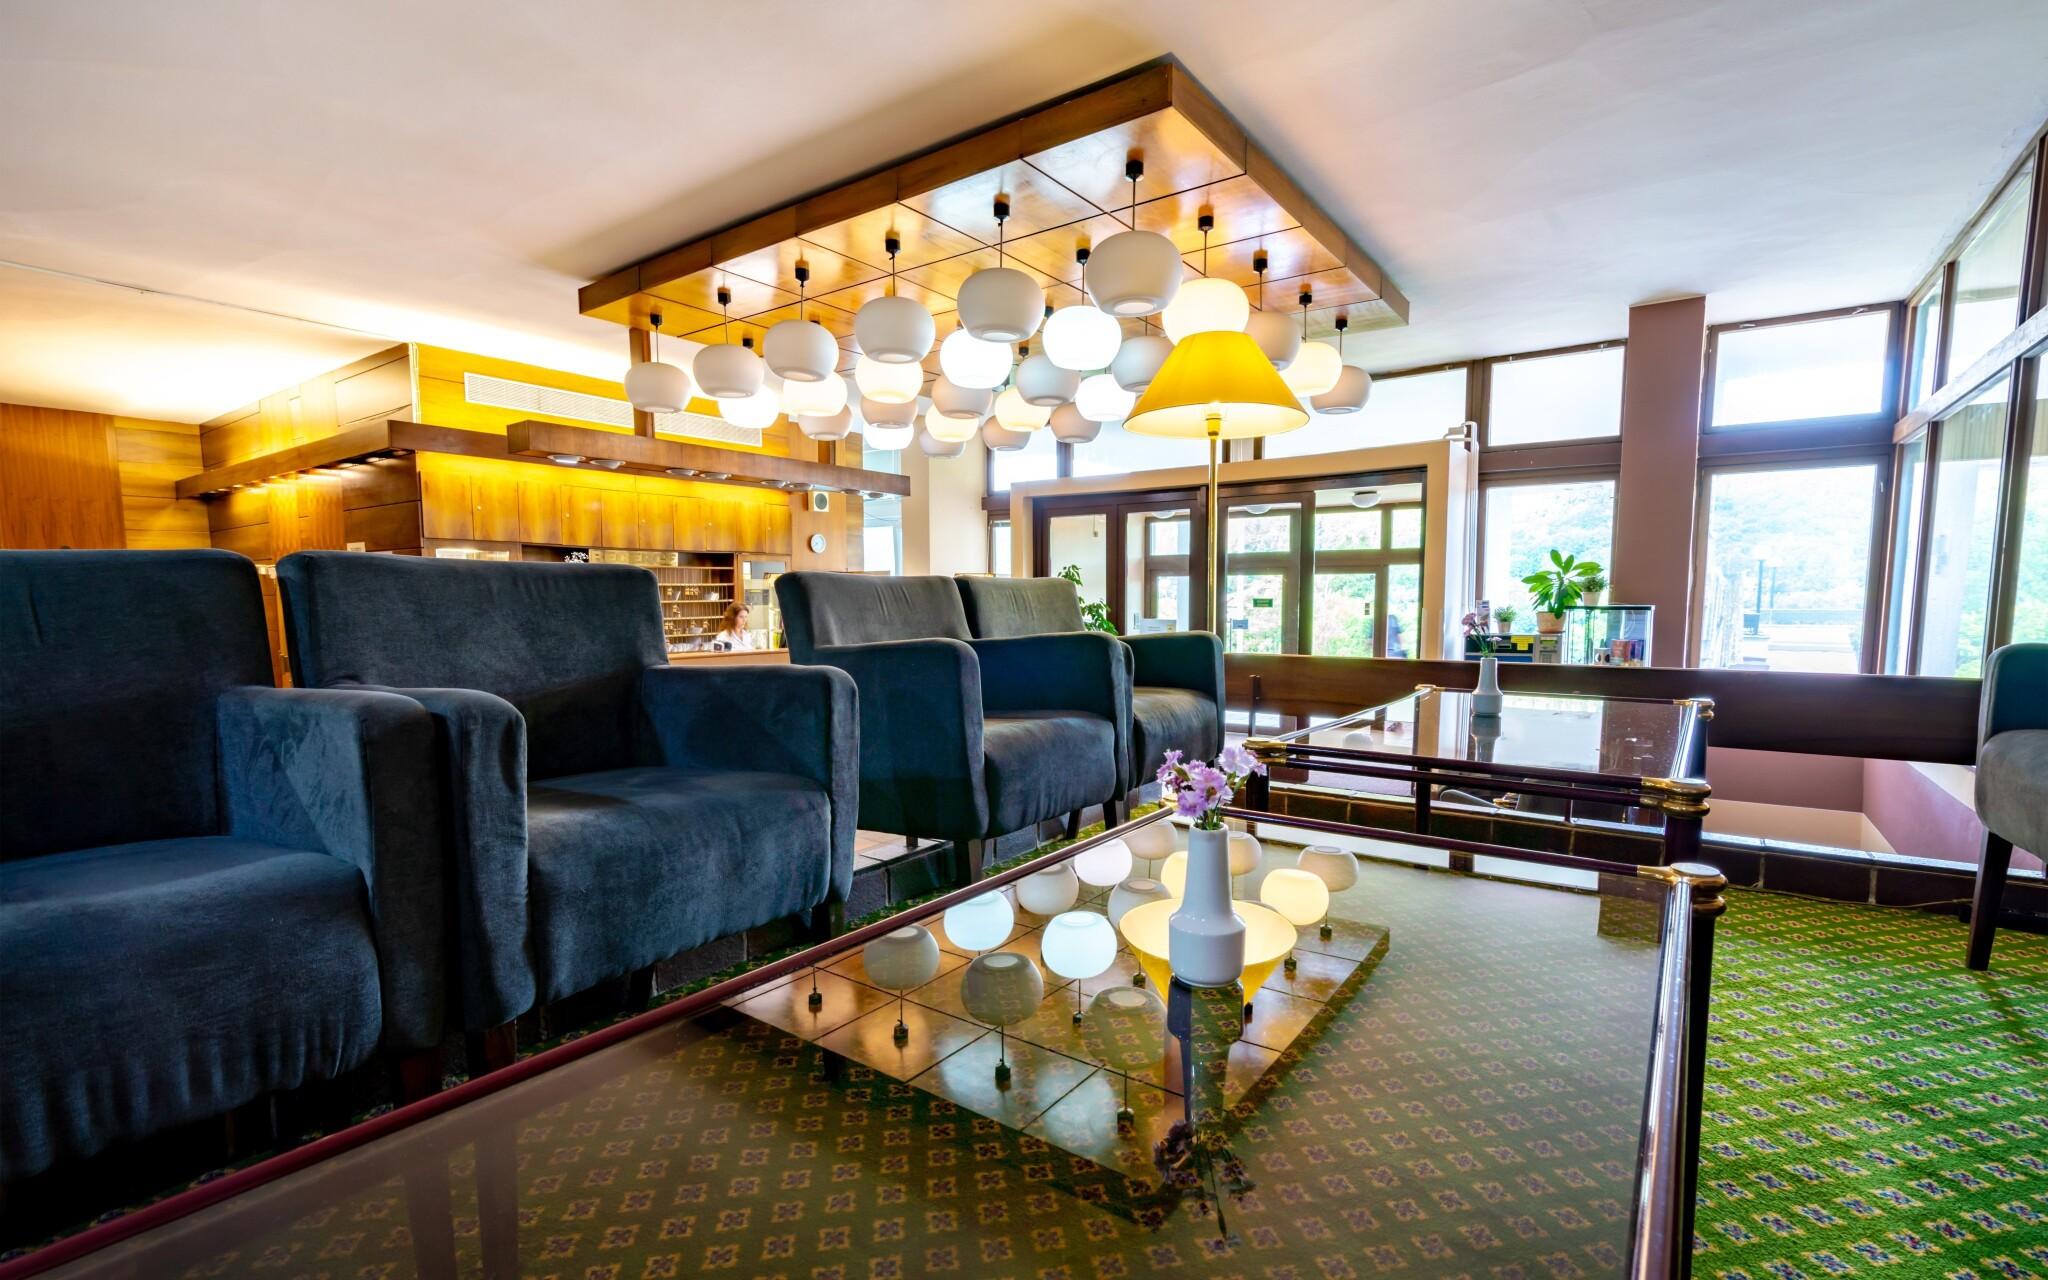 Hotelová recepcia, lobby, Hotel Harmonie, Luhačovice